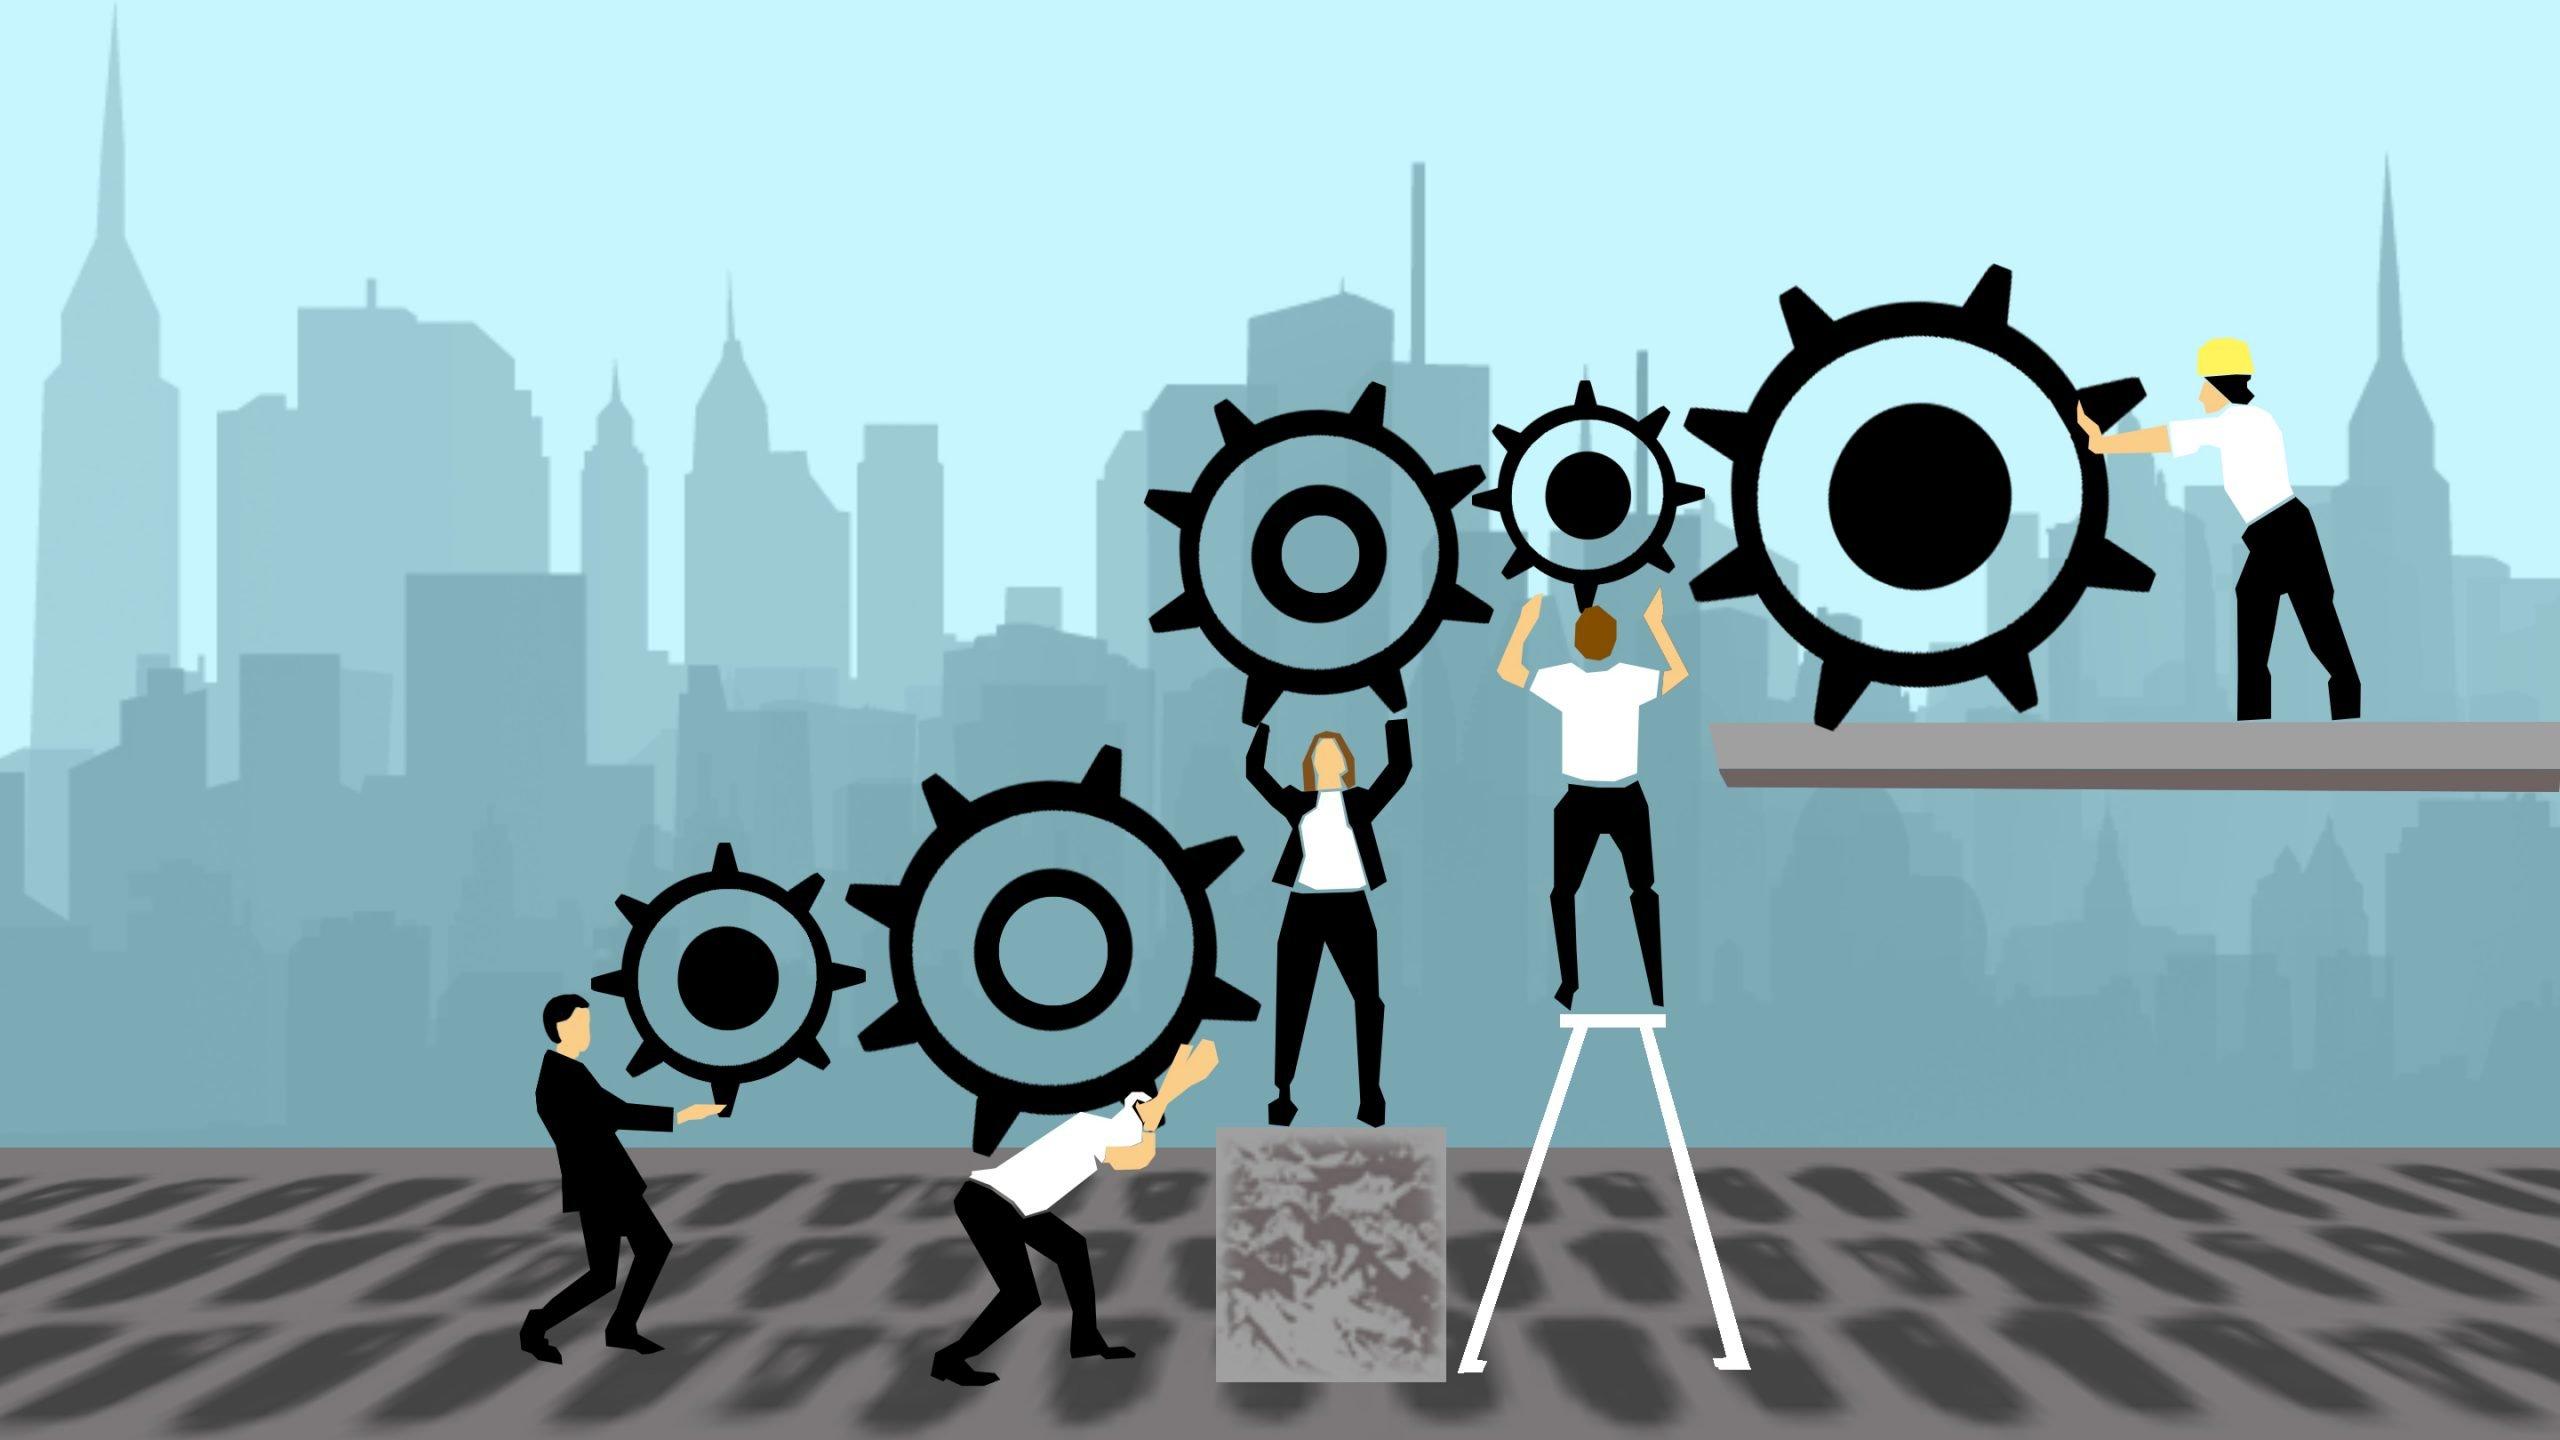 بناء الفريق الفعّال والمستدام